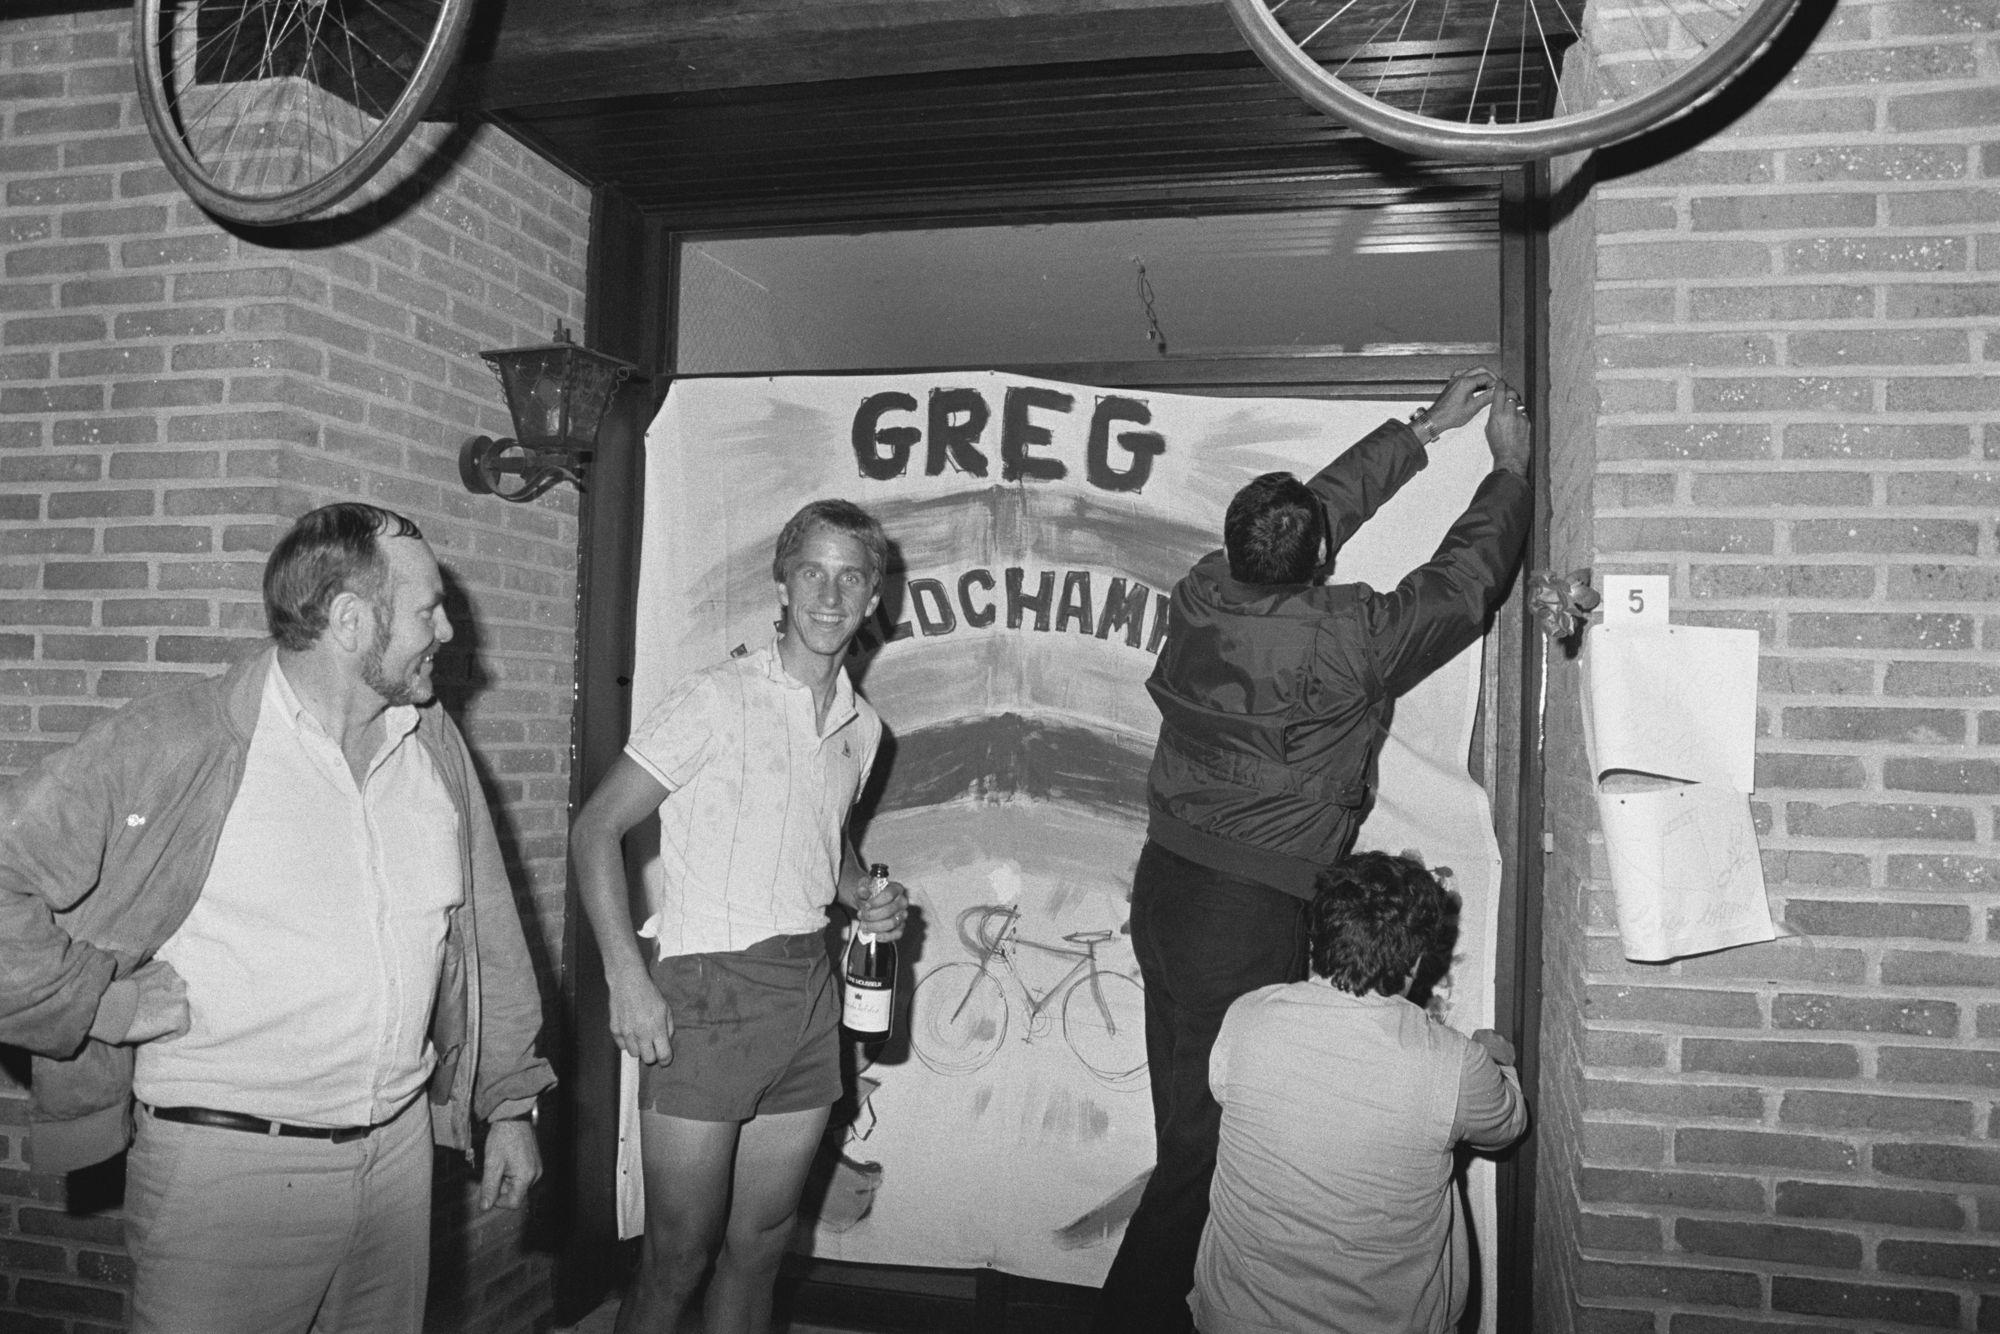 Huldiging wereldkampioen Greg Lemond